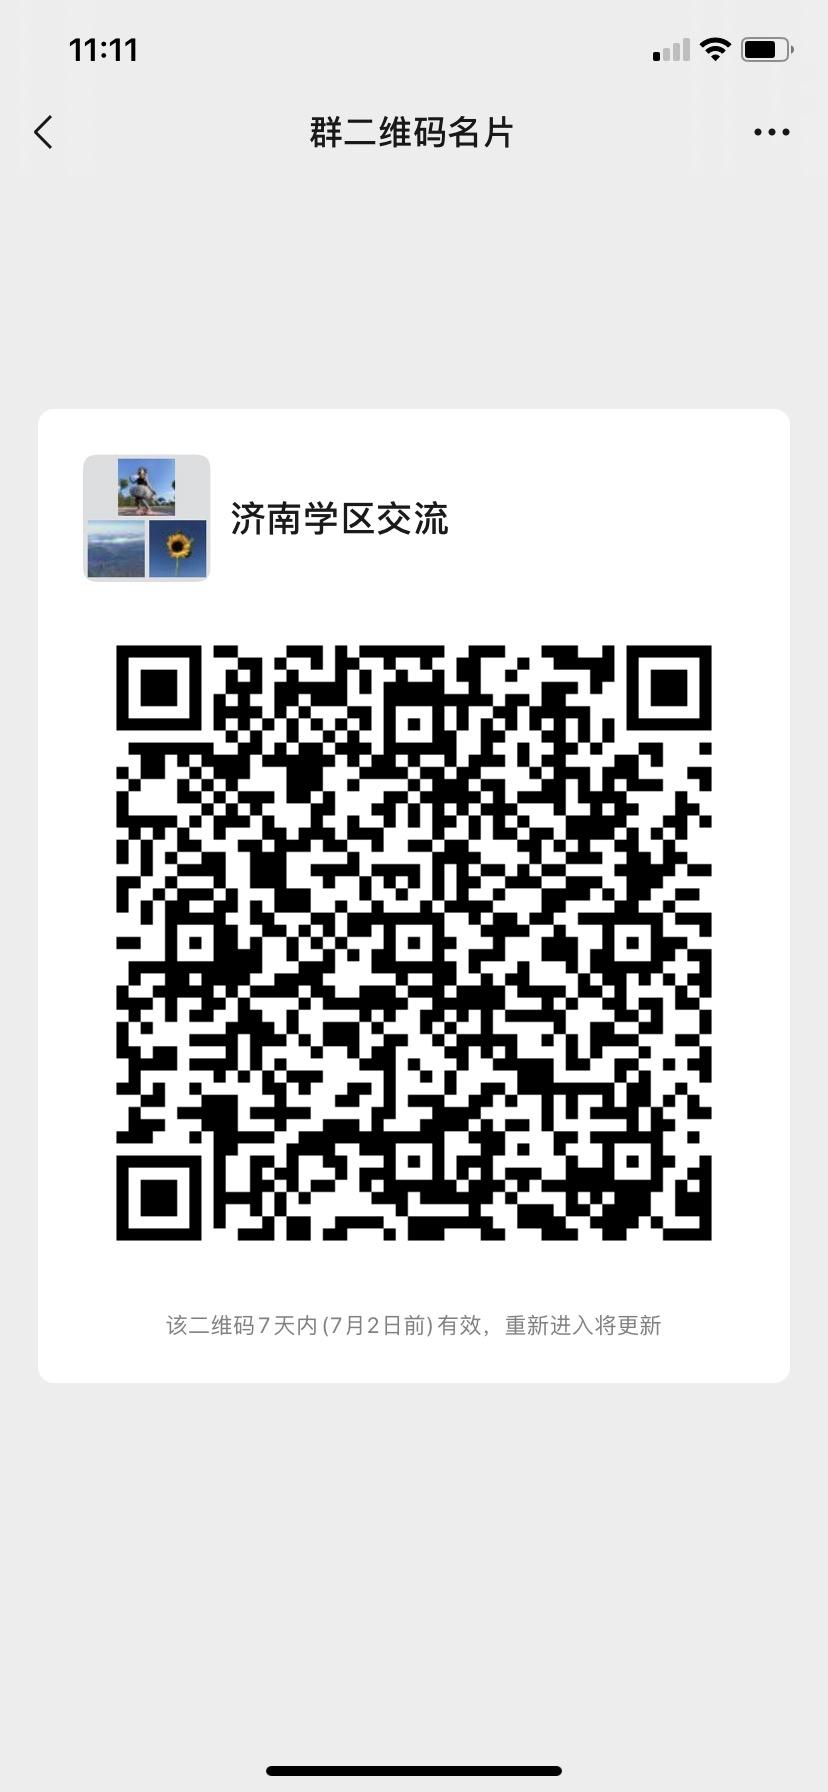 1729C538-127C-40FE-AAFD-8C36C4638EF6.jpg